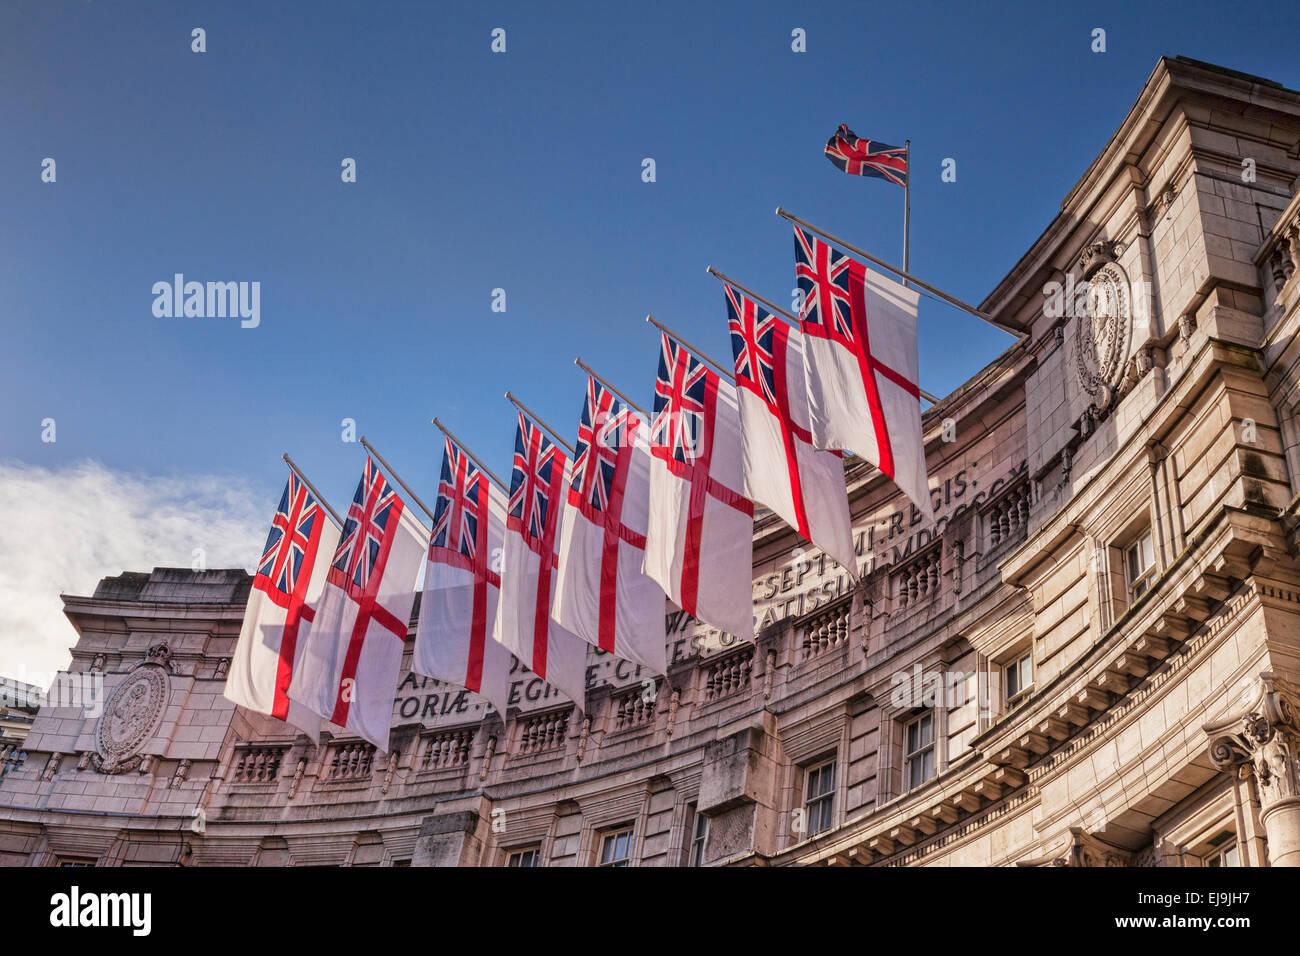 El Admiralty Arch flying White enseñas, la bandera de la Royal Navy. Imagen De Stock